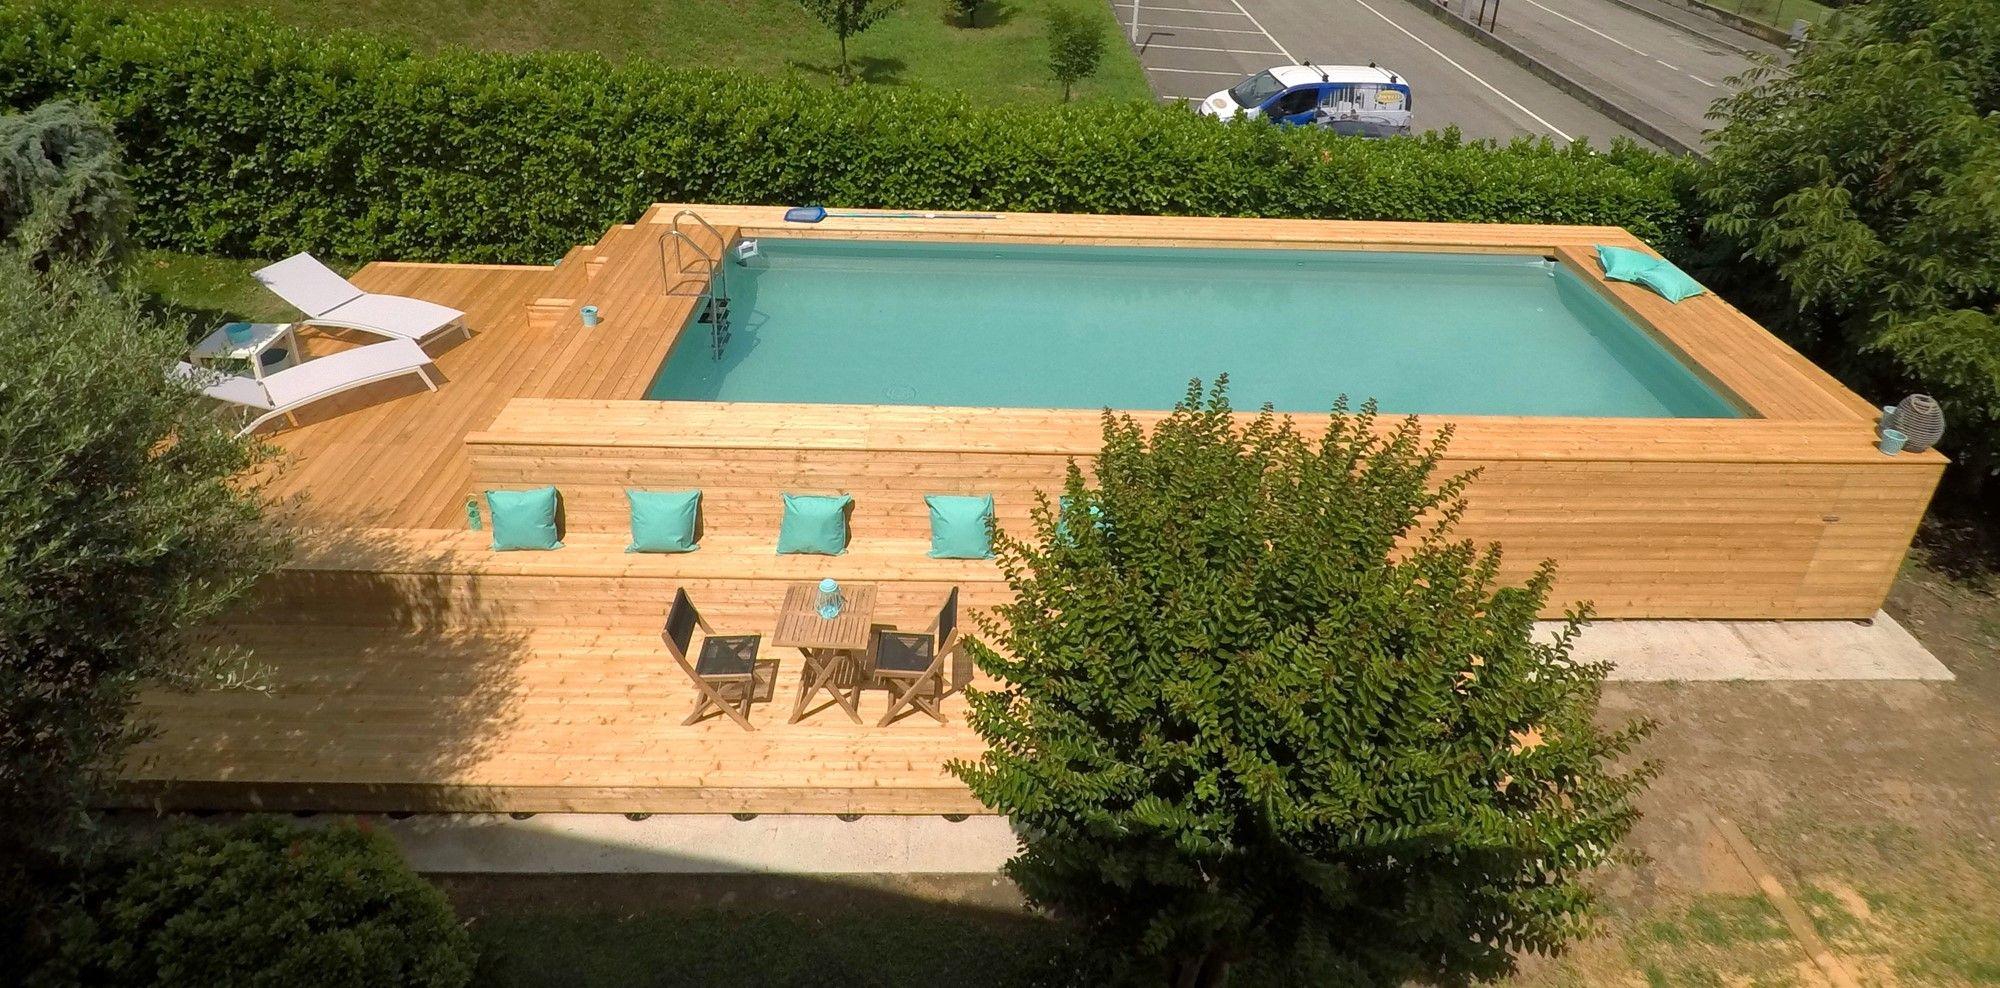 Piscine Da Esterno Rivestite In Legno le 48 più belle piscine fuori terra rivestite piscine (com